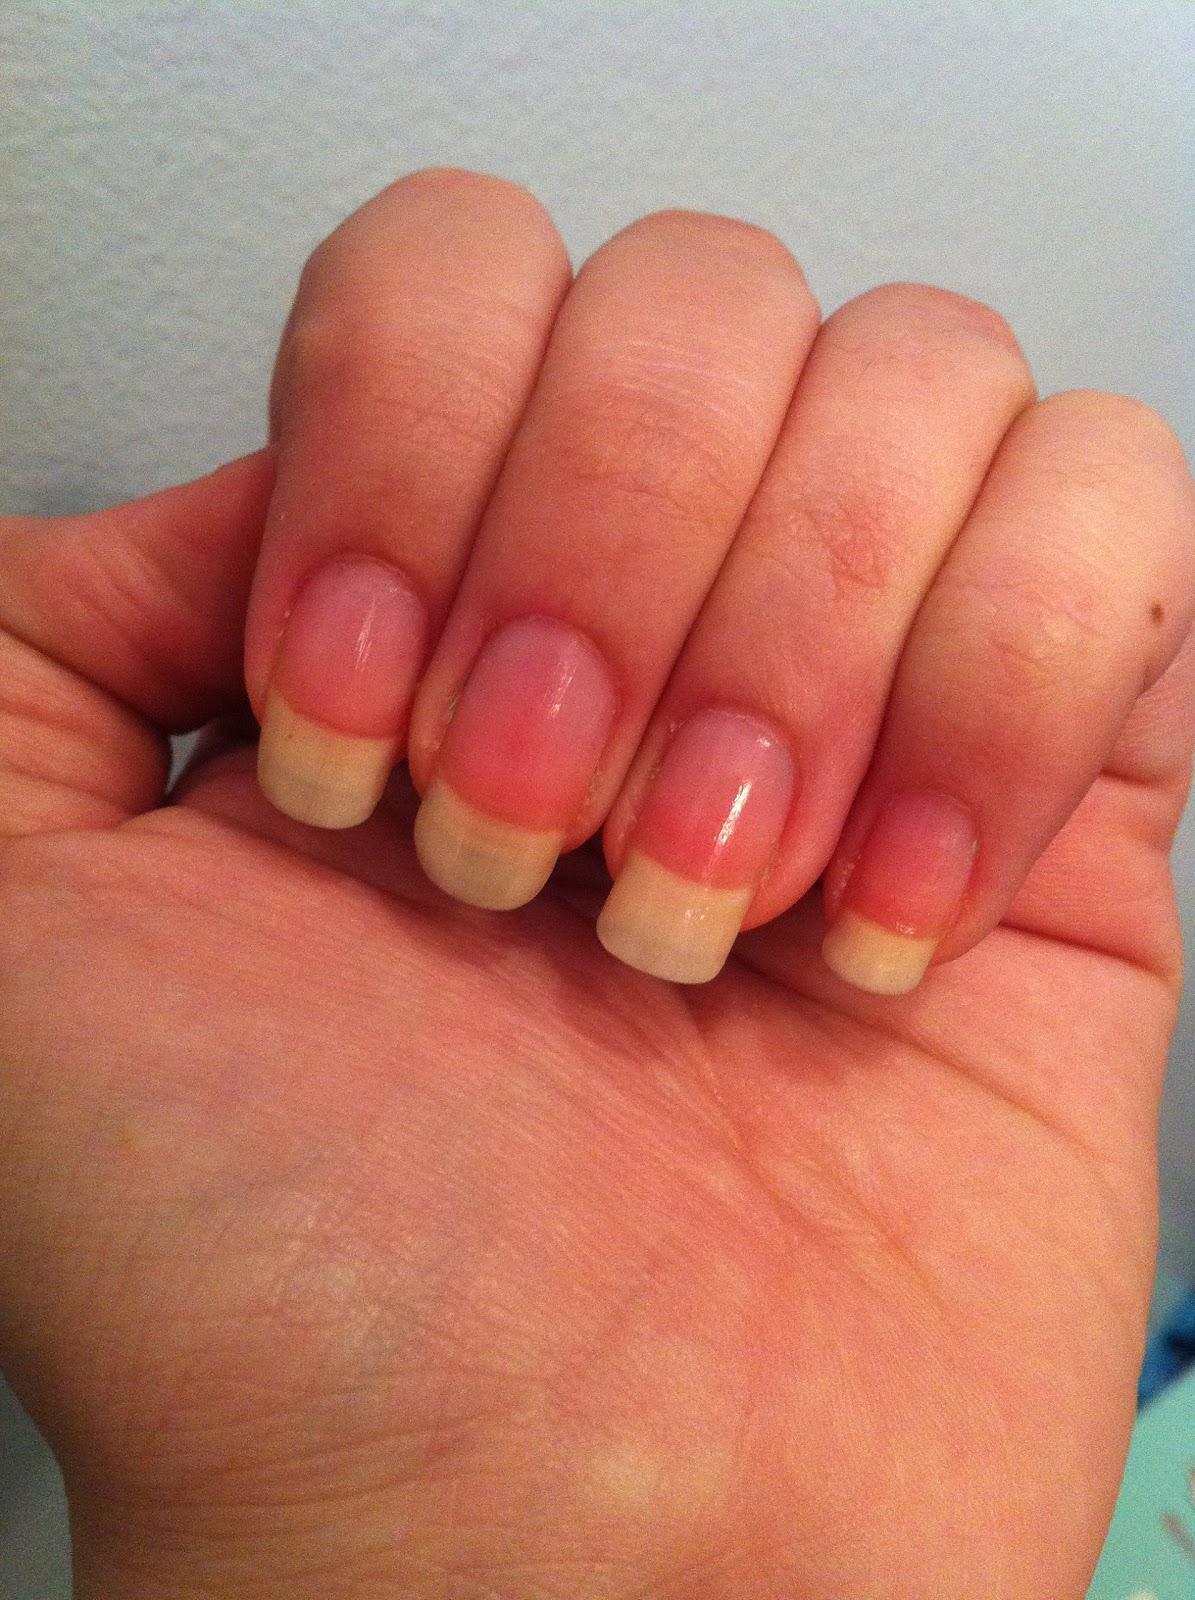 Sweetheart Nail Art: Bye-Bye long nails!